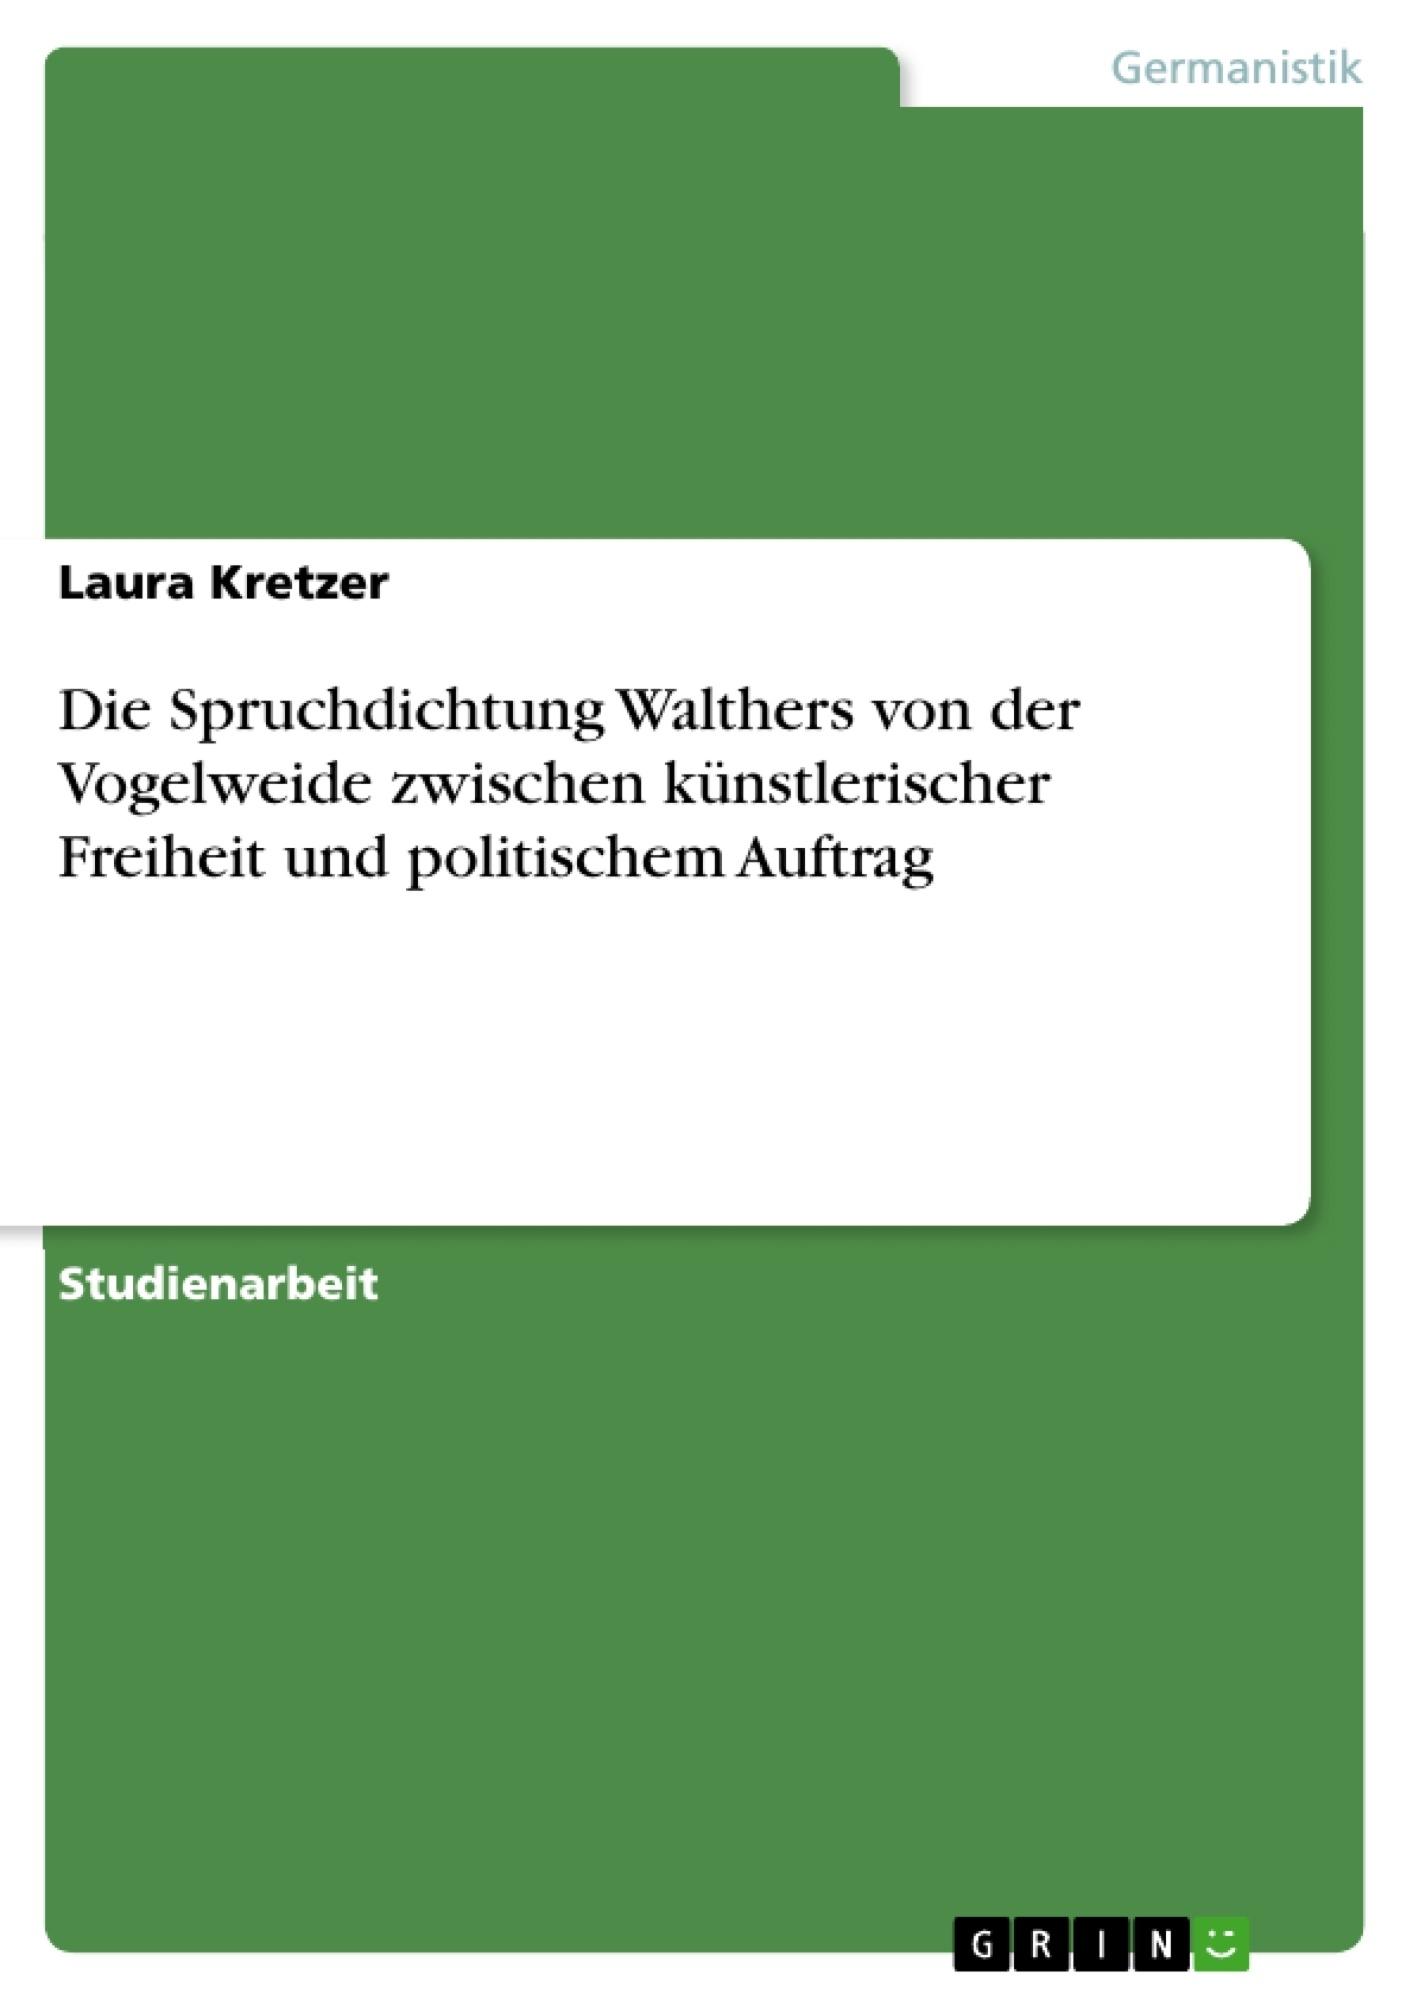 Titel: Die Spruchdichtung Walthers von der Vogelweide zwischen künstlerischer Freiheit und politischem Auftrag